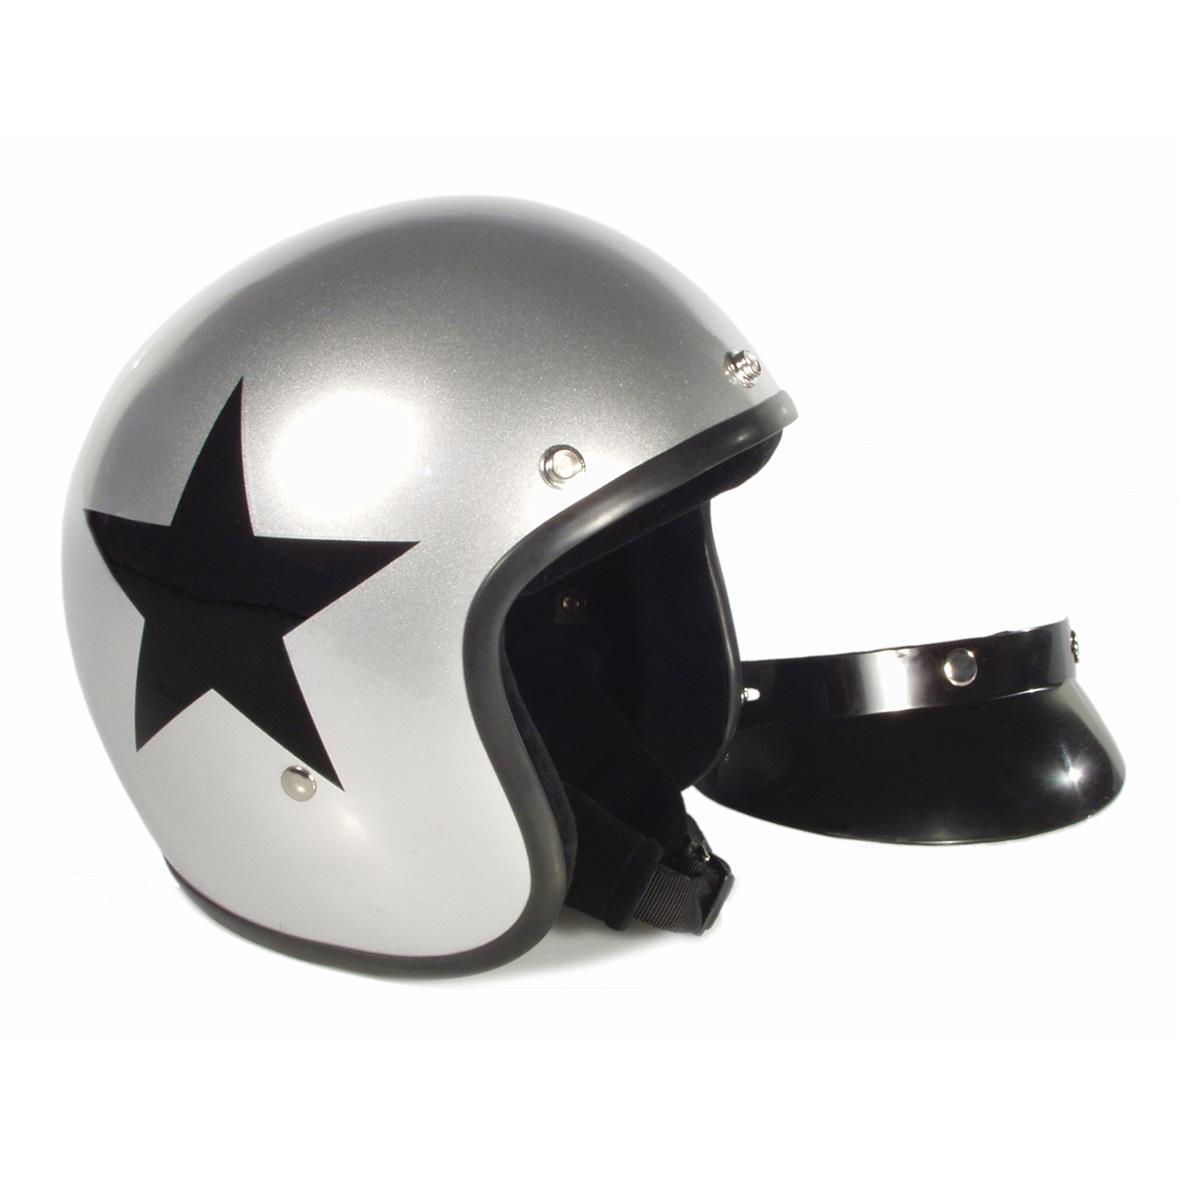 Produktbild für 'Helm BANDIT Jet Star mit schwarzem Stern'